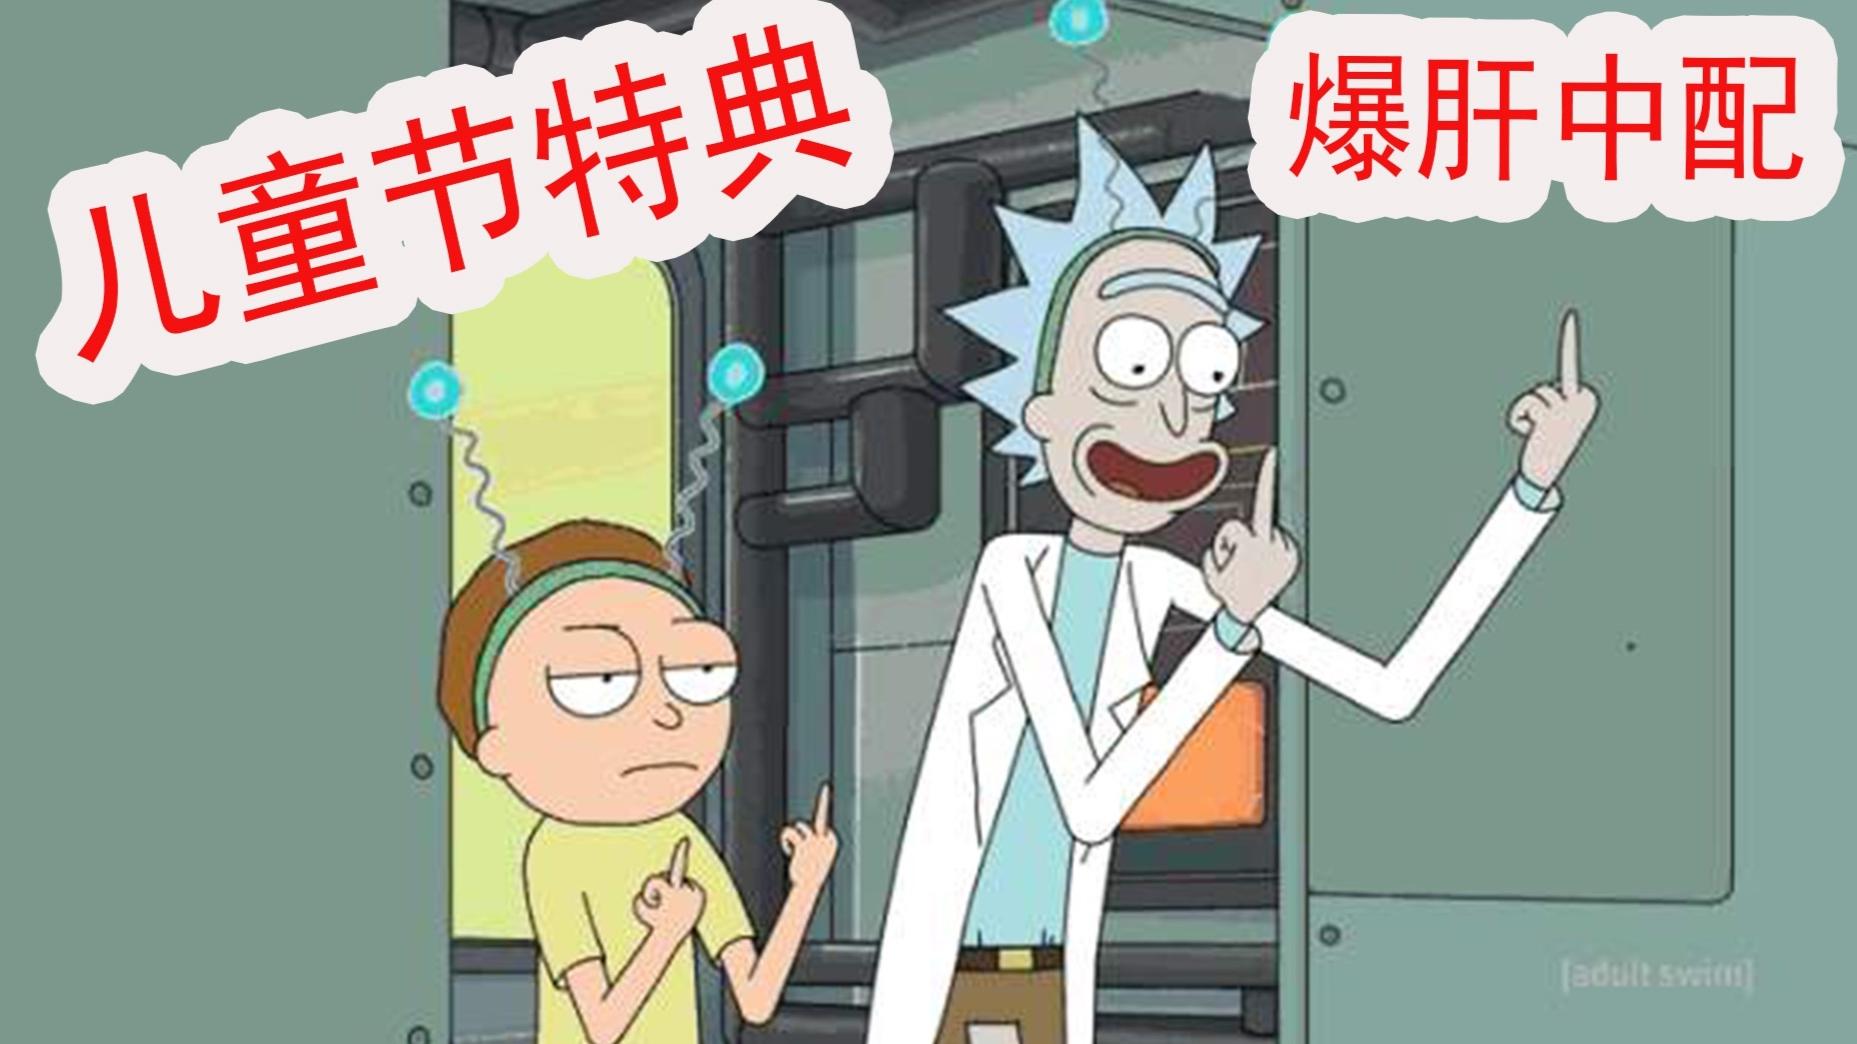 【瑞克和莫蒂】中文配音第二集 再次爆肝!!!